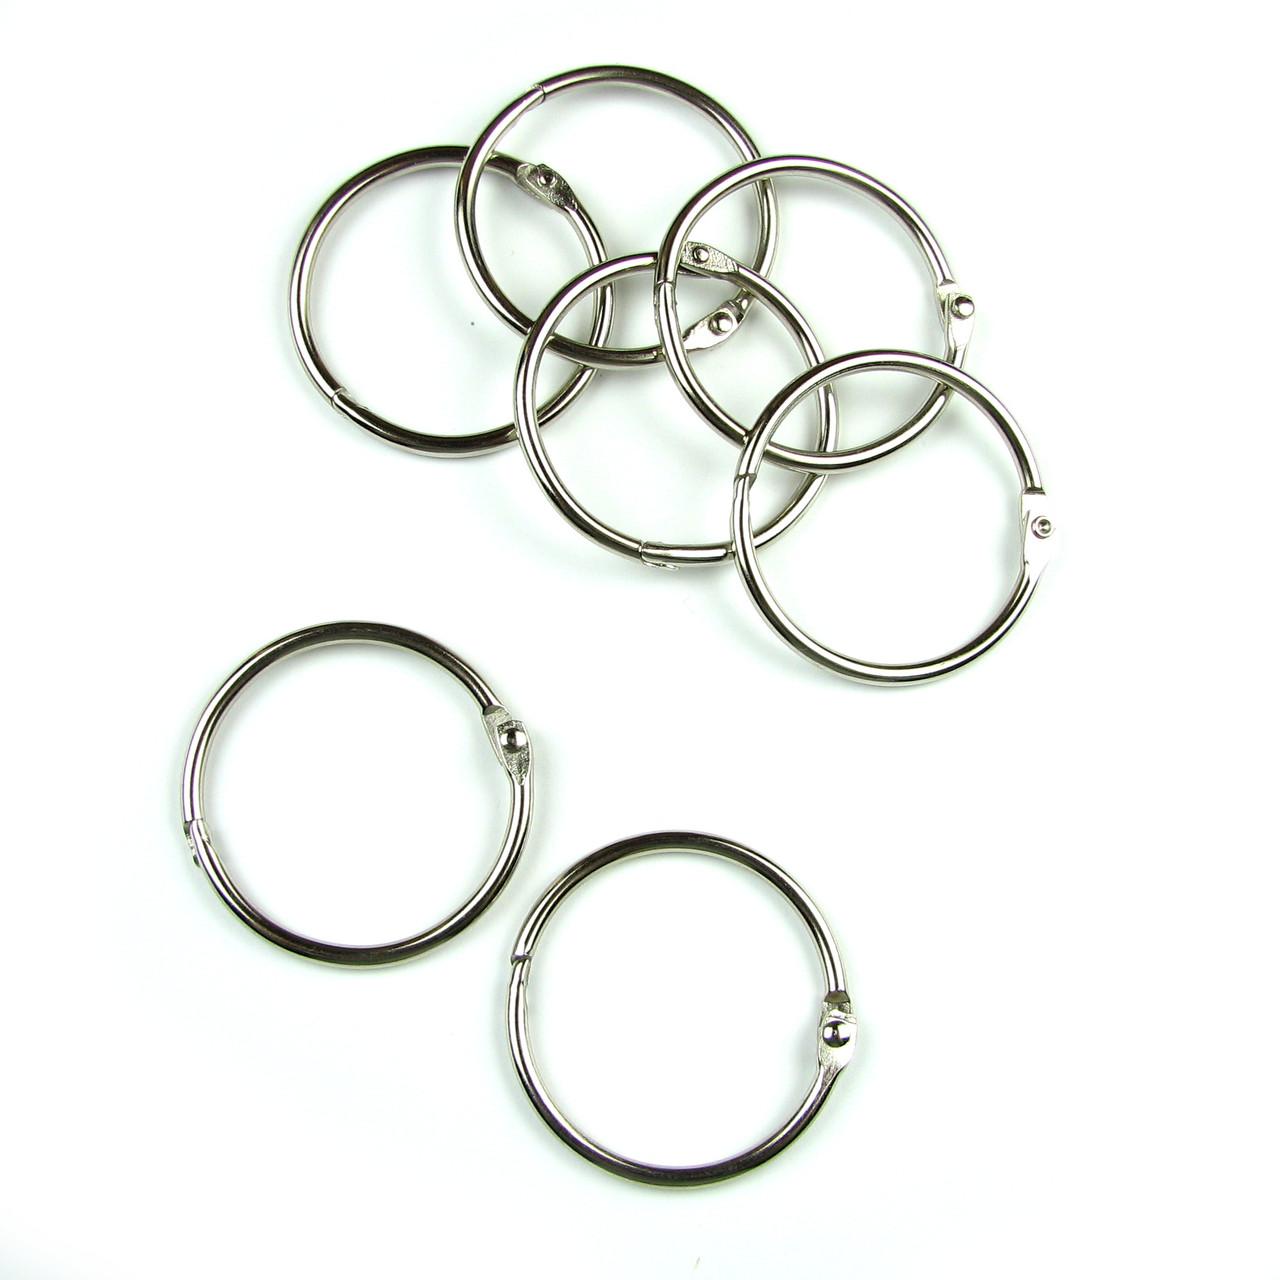 Кольца для альбомов Серебро 60мм 2шт в наборе